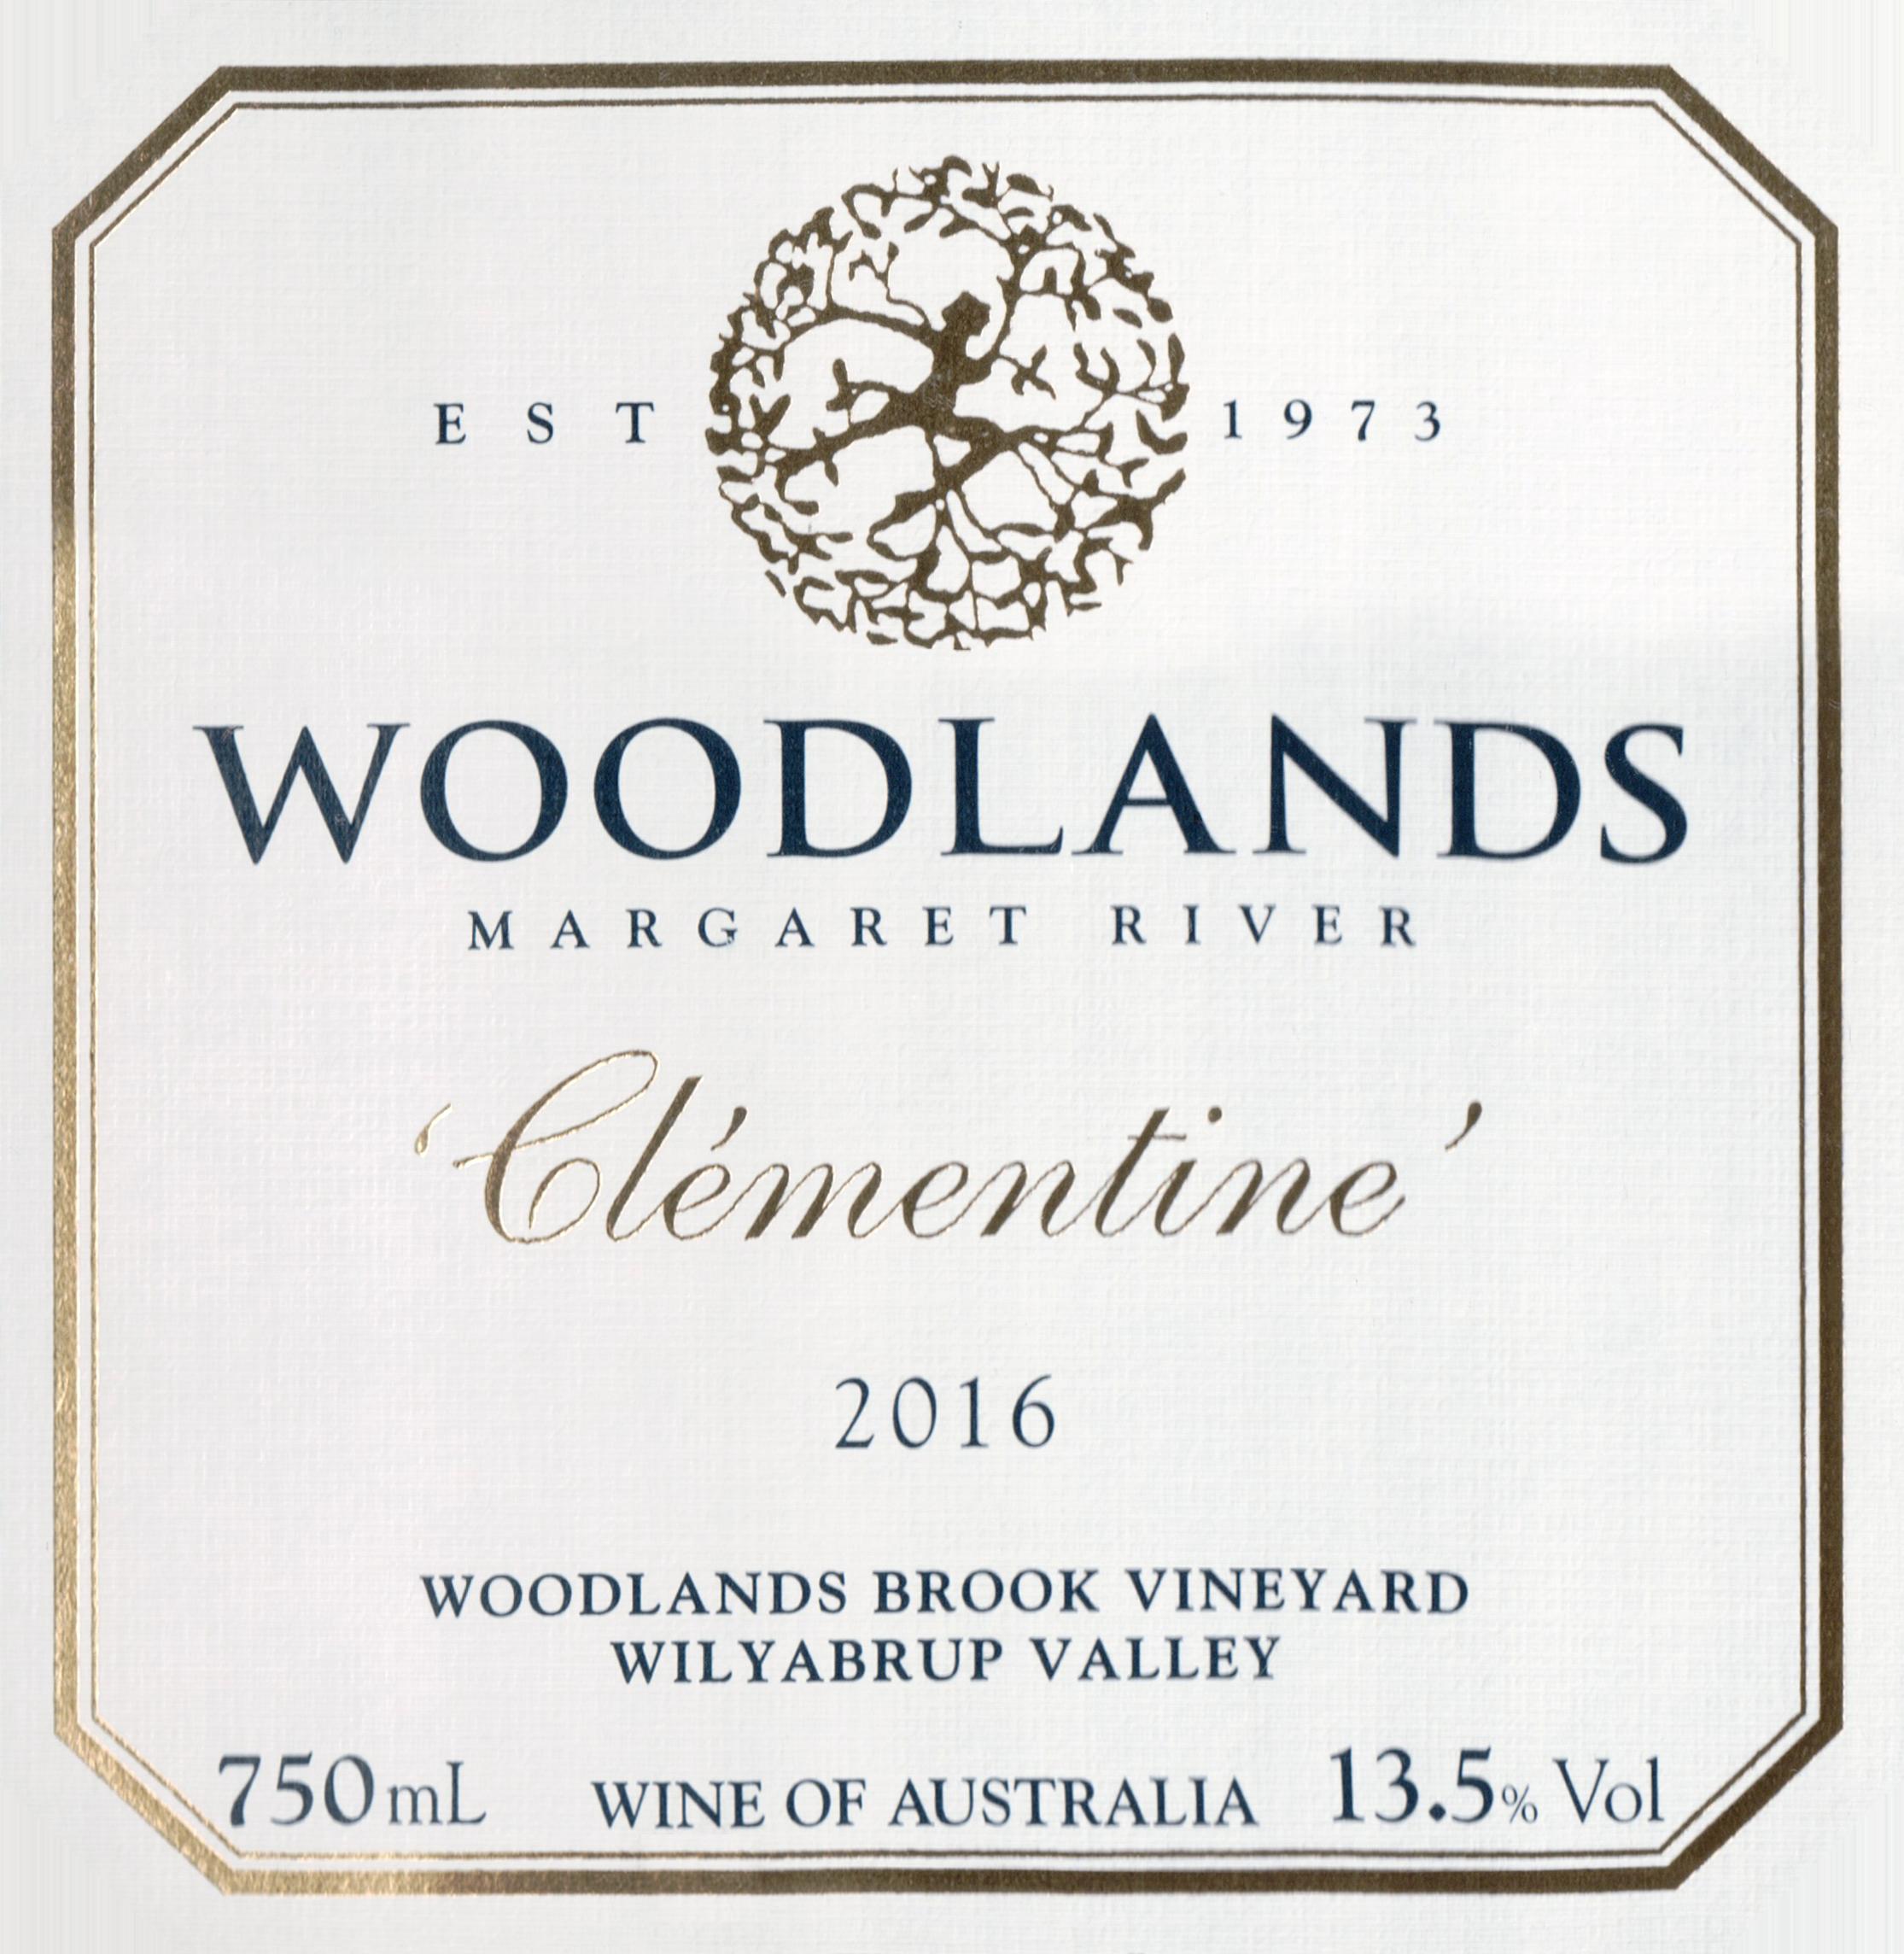 Woodlands Clementine 2016